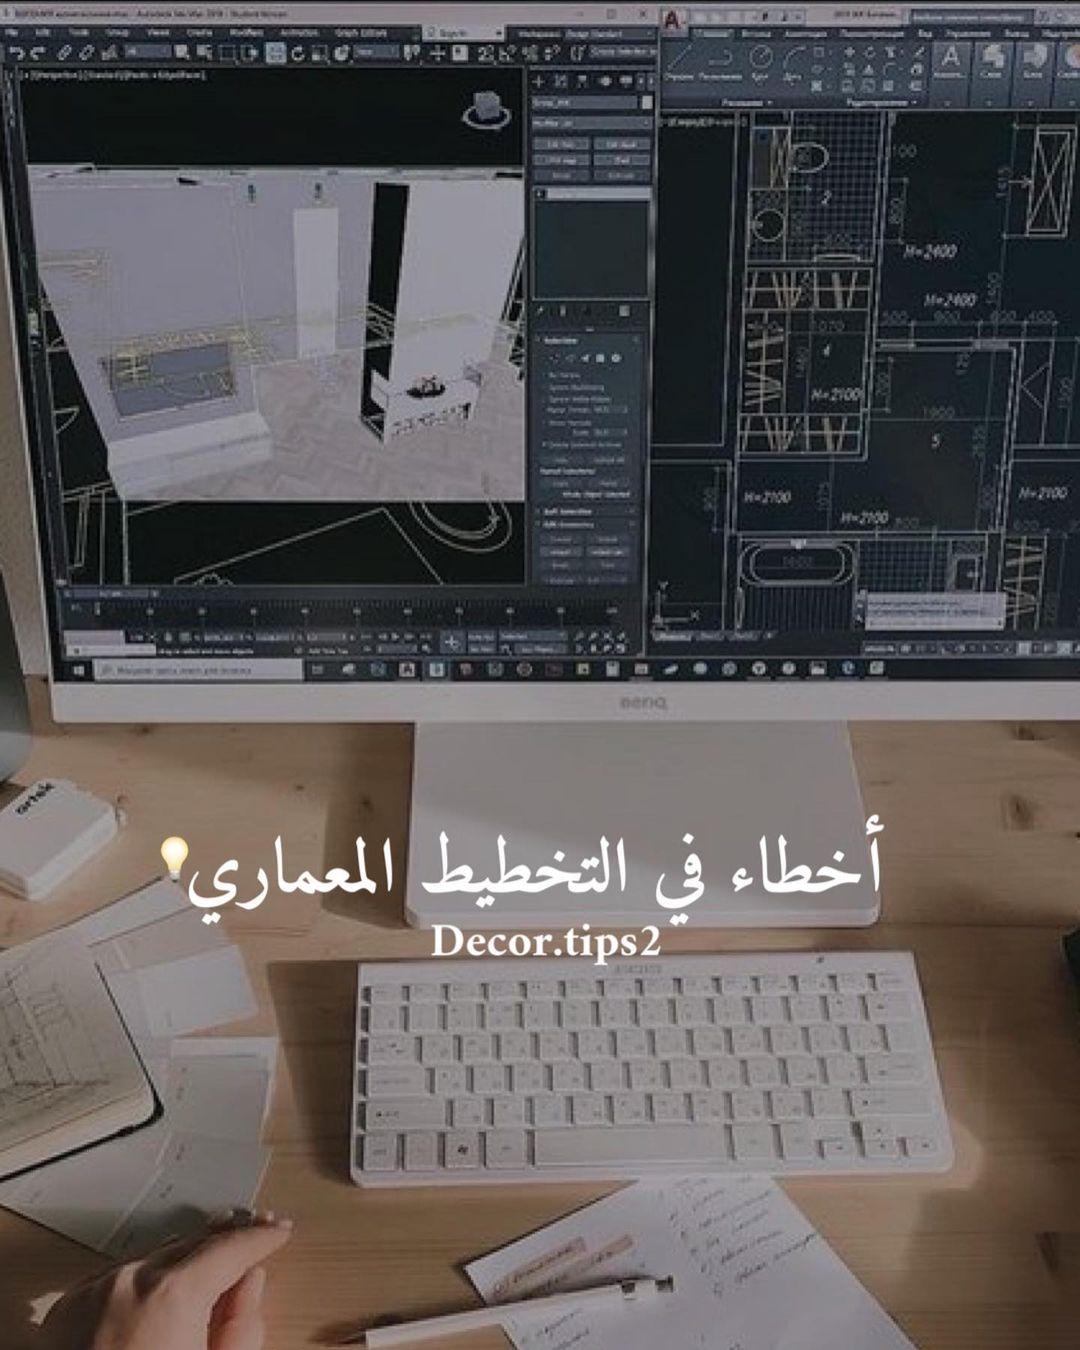 .أخطاء في التخطيط المعماري: ١- انك تستلم مخطط معماري وتعتمده بدون توزيع اثاث …